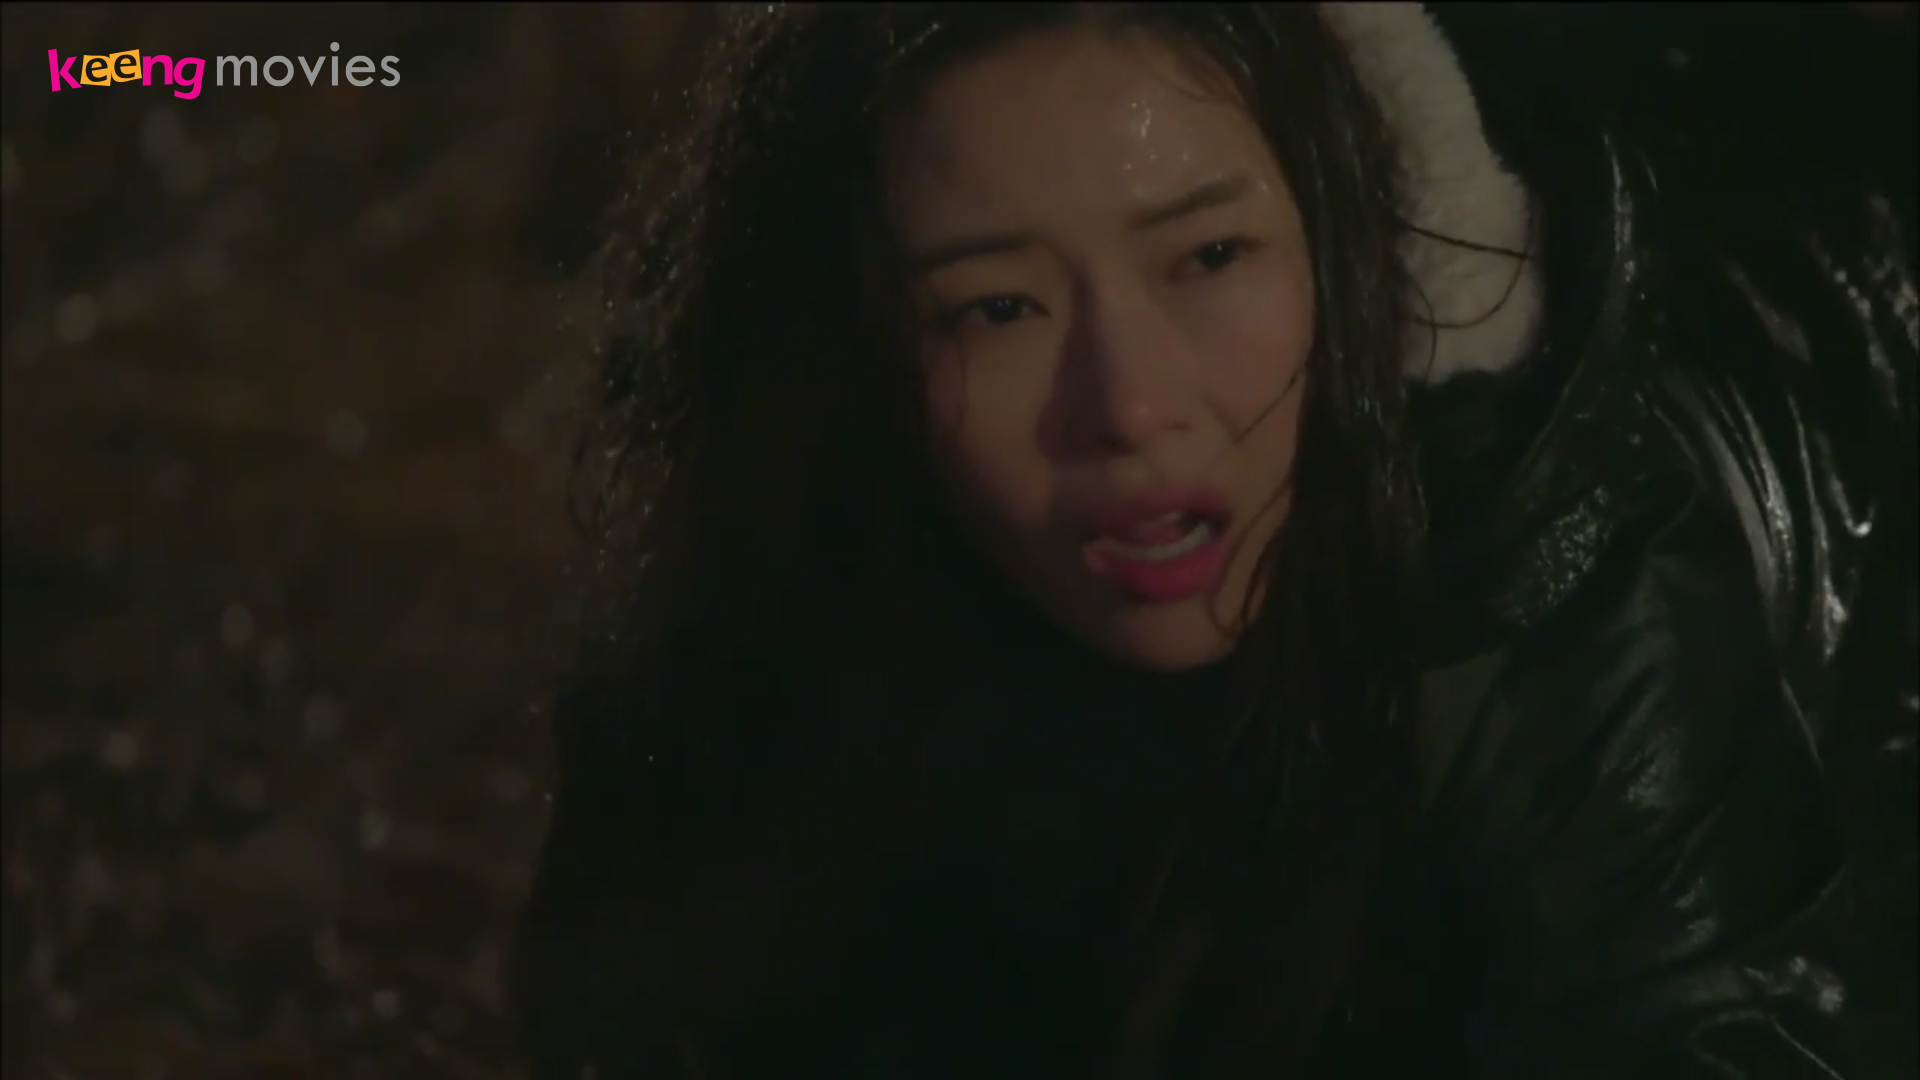 'Yêu trong đau thương' tập 5 – 8: Tạm biệt quá khứ! 3